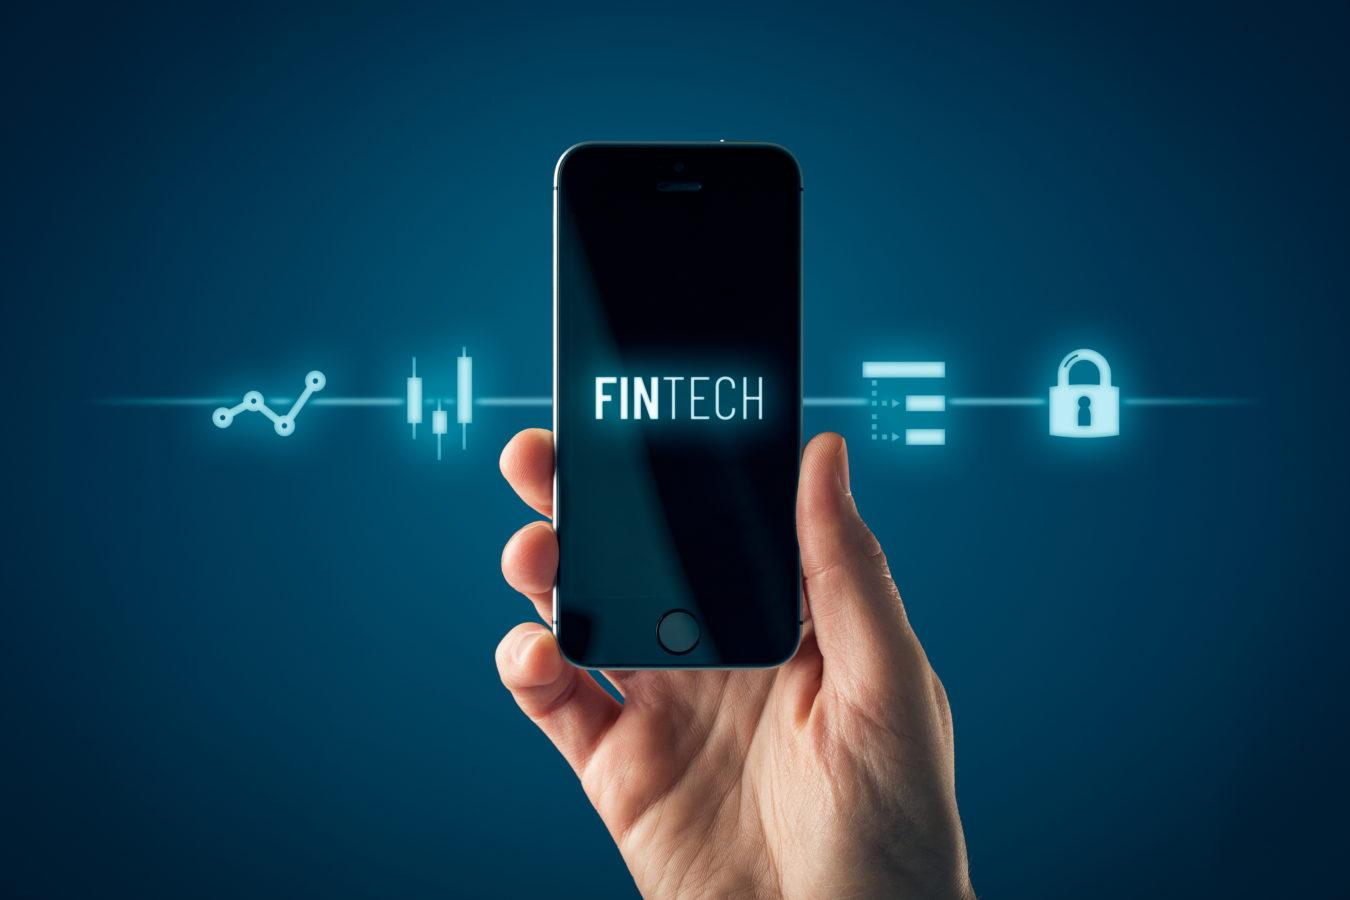 La fintech sud-africaine Jumo lève 55 millions $ pour lancer de nouveaux produits financiers en Afrique et en Asie